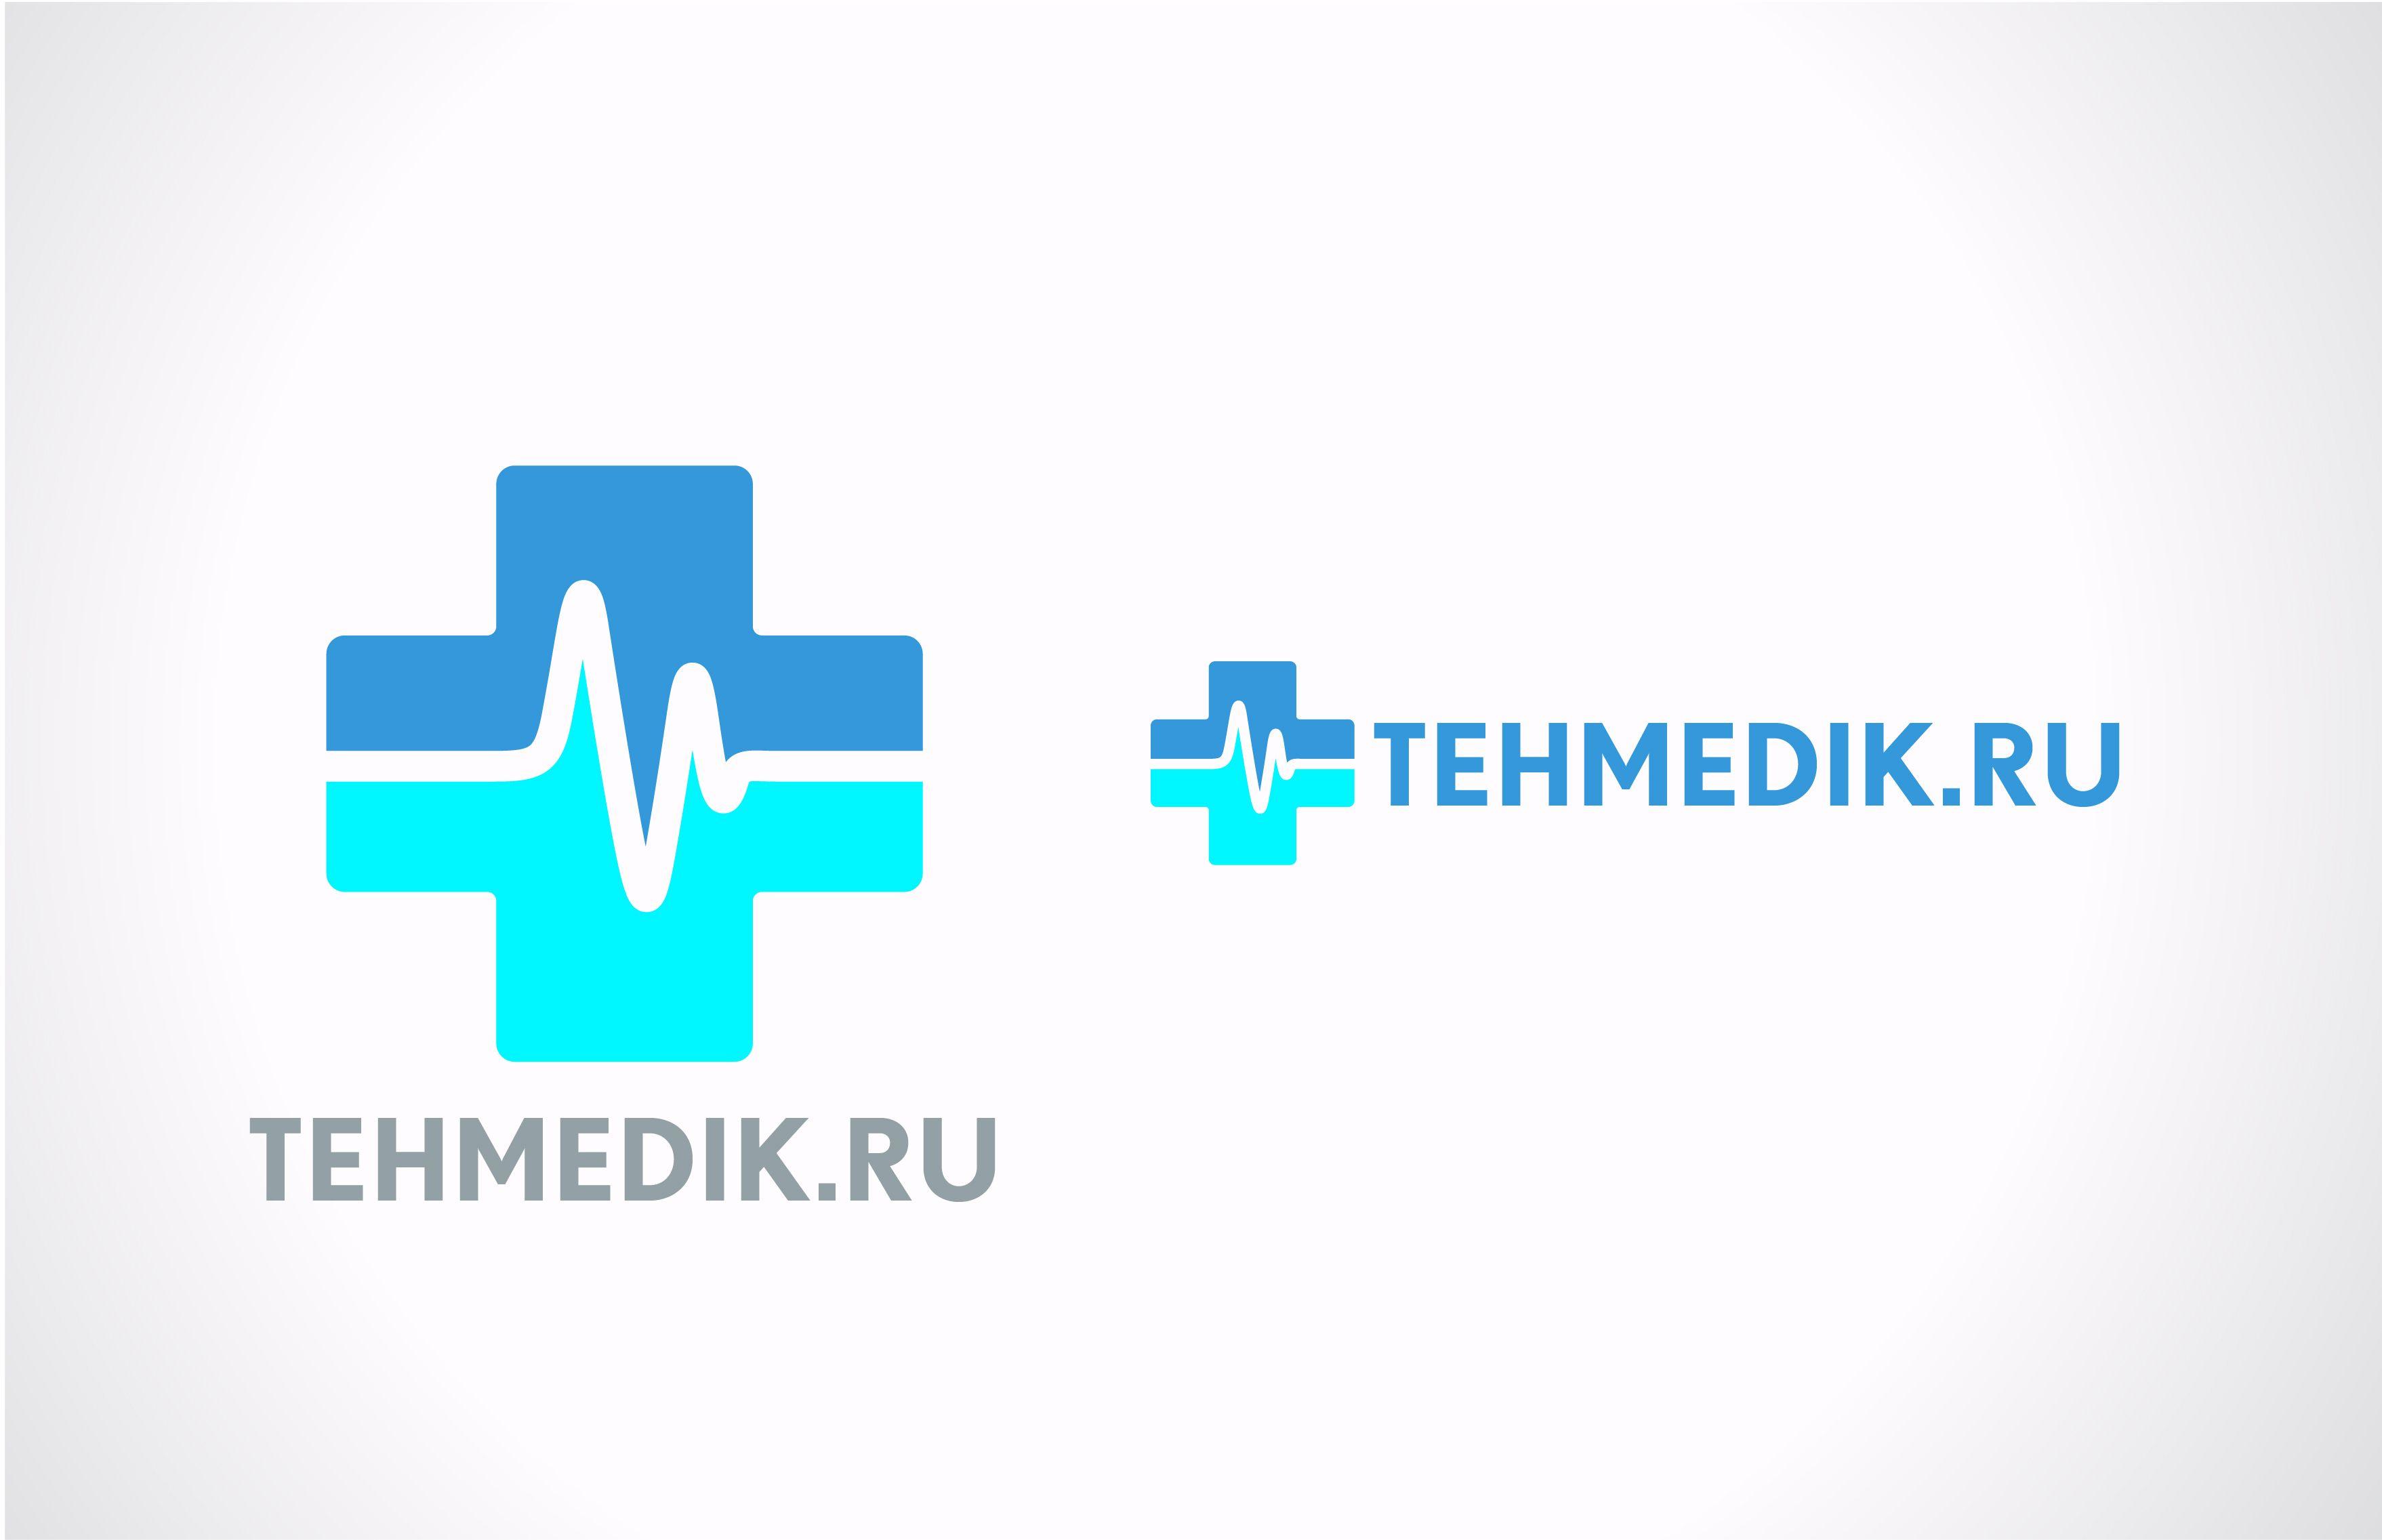 Логотип для интернет-магазина медтехники - дизайнер valeriana_88